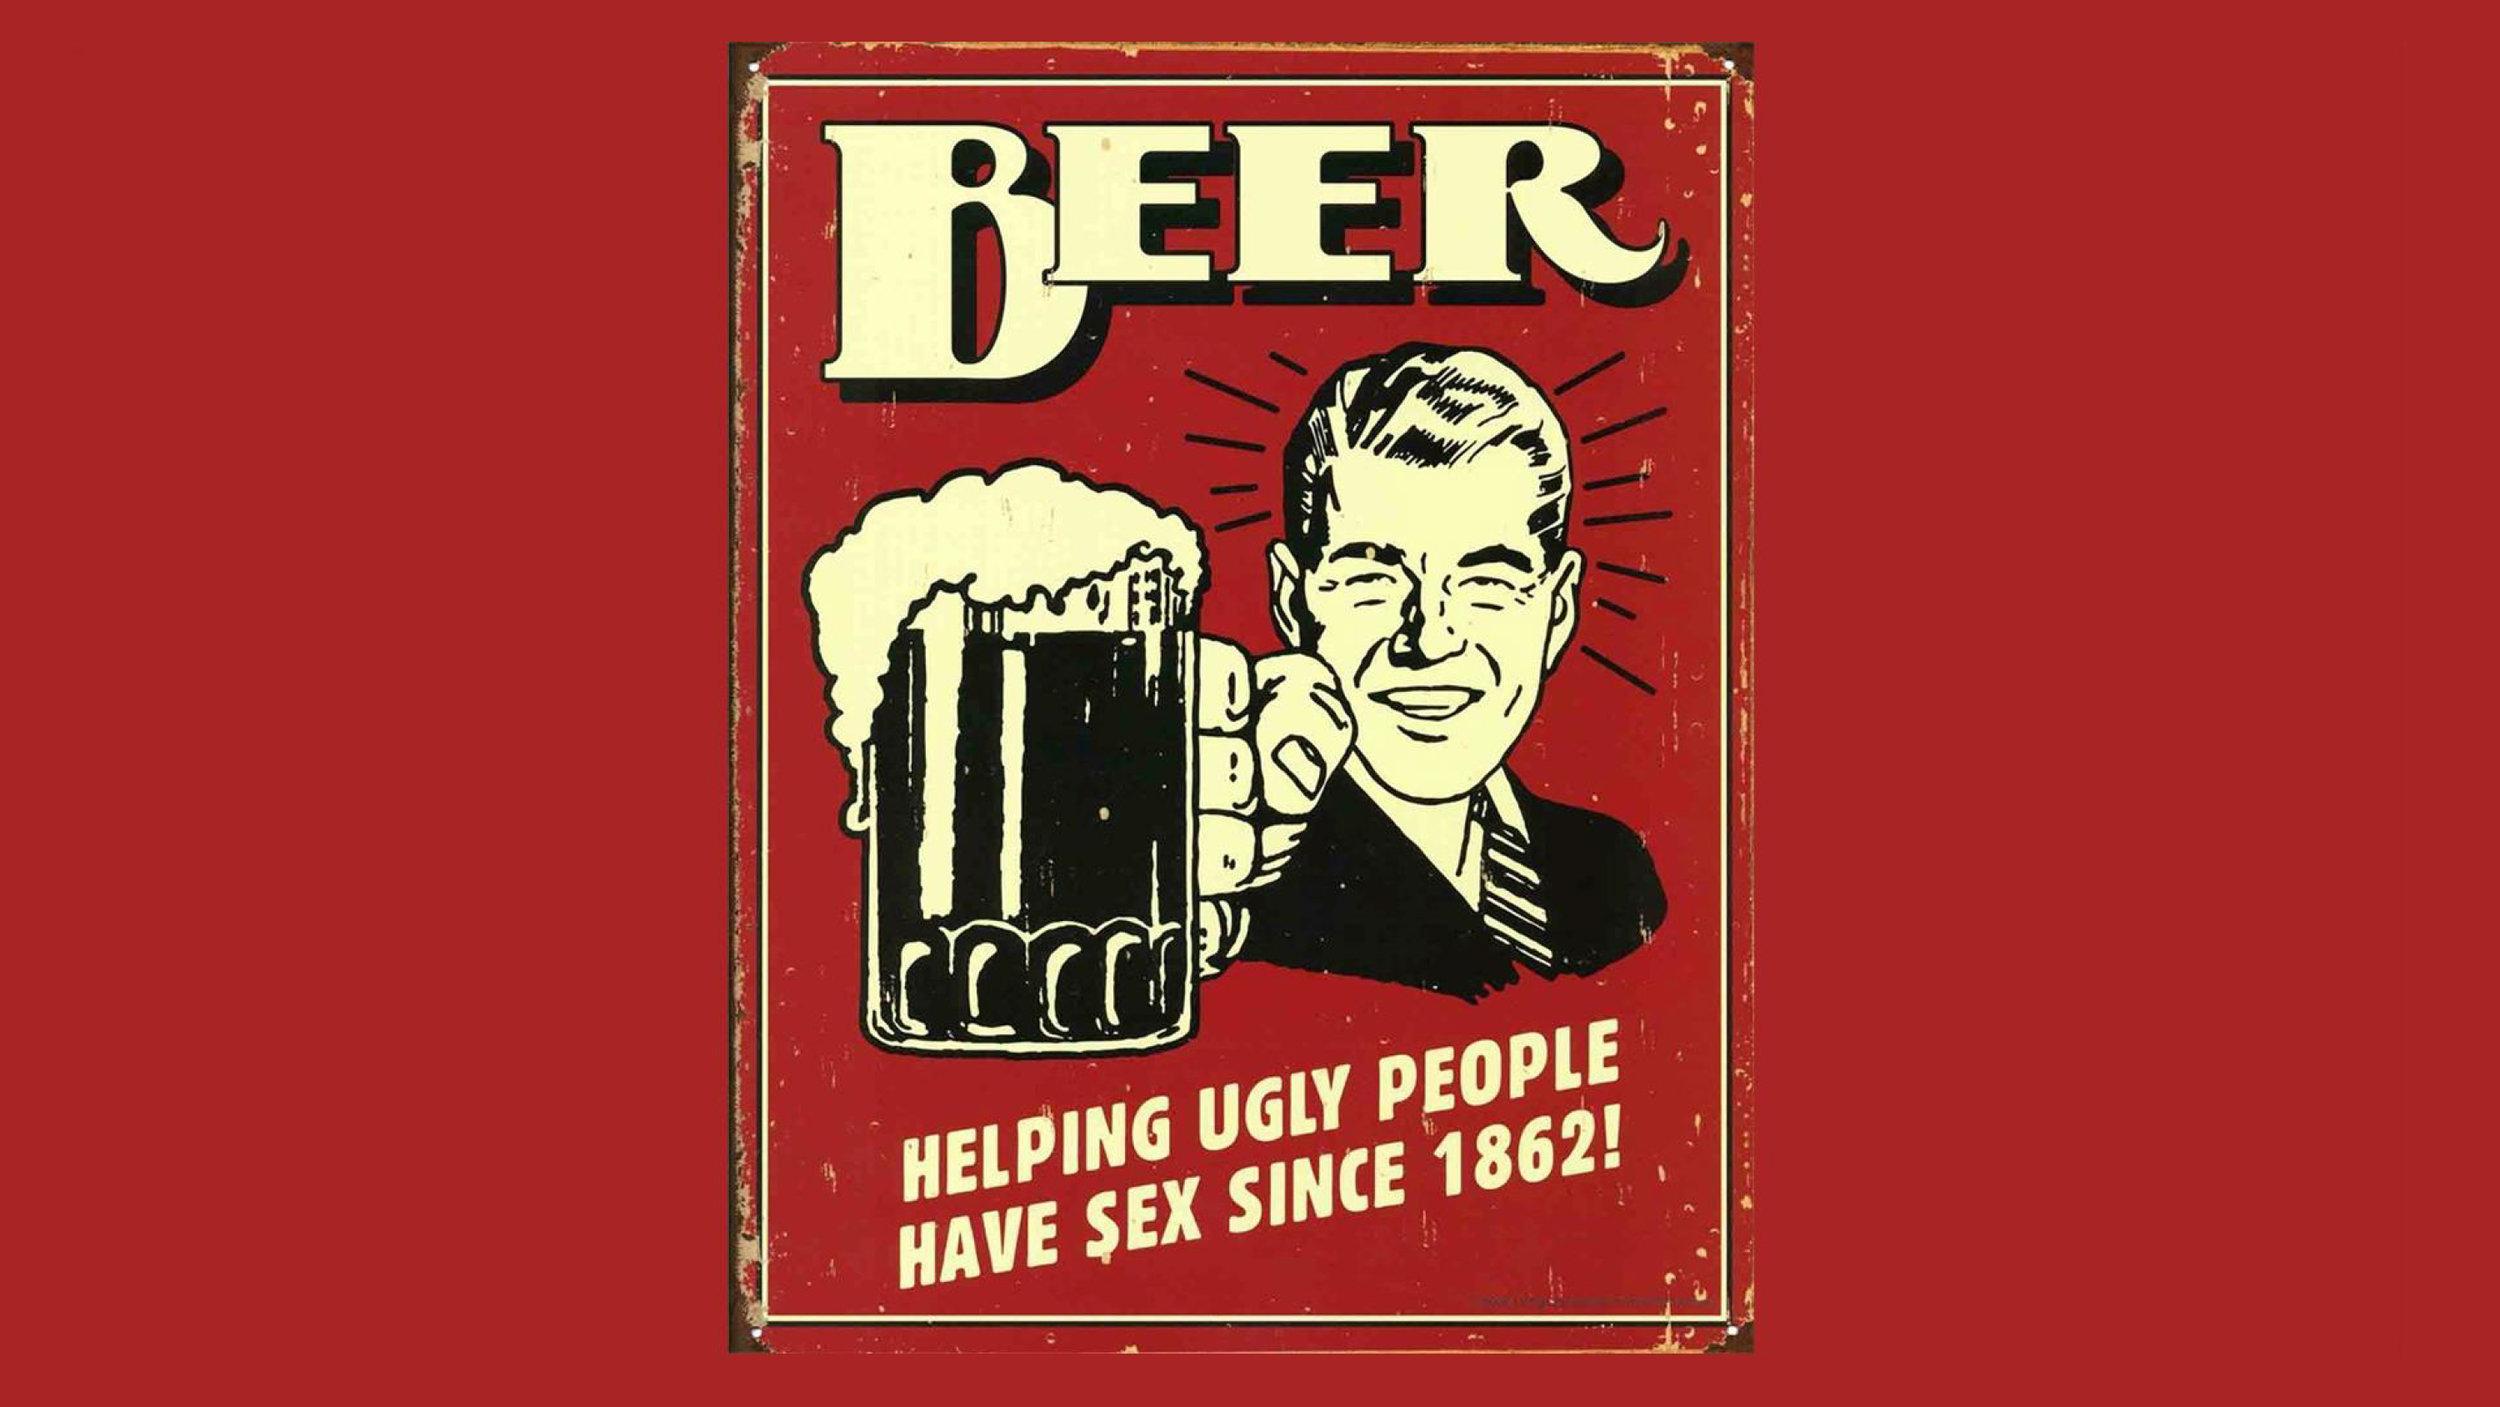 The Beauty of Beer - beer sex.jpg